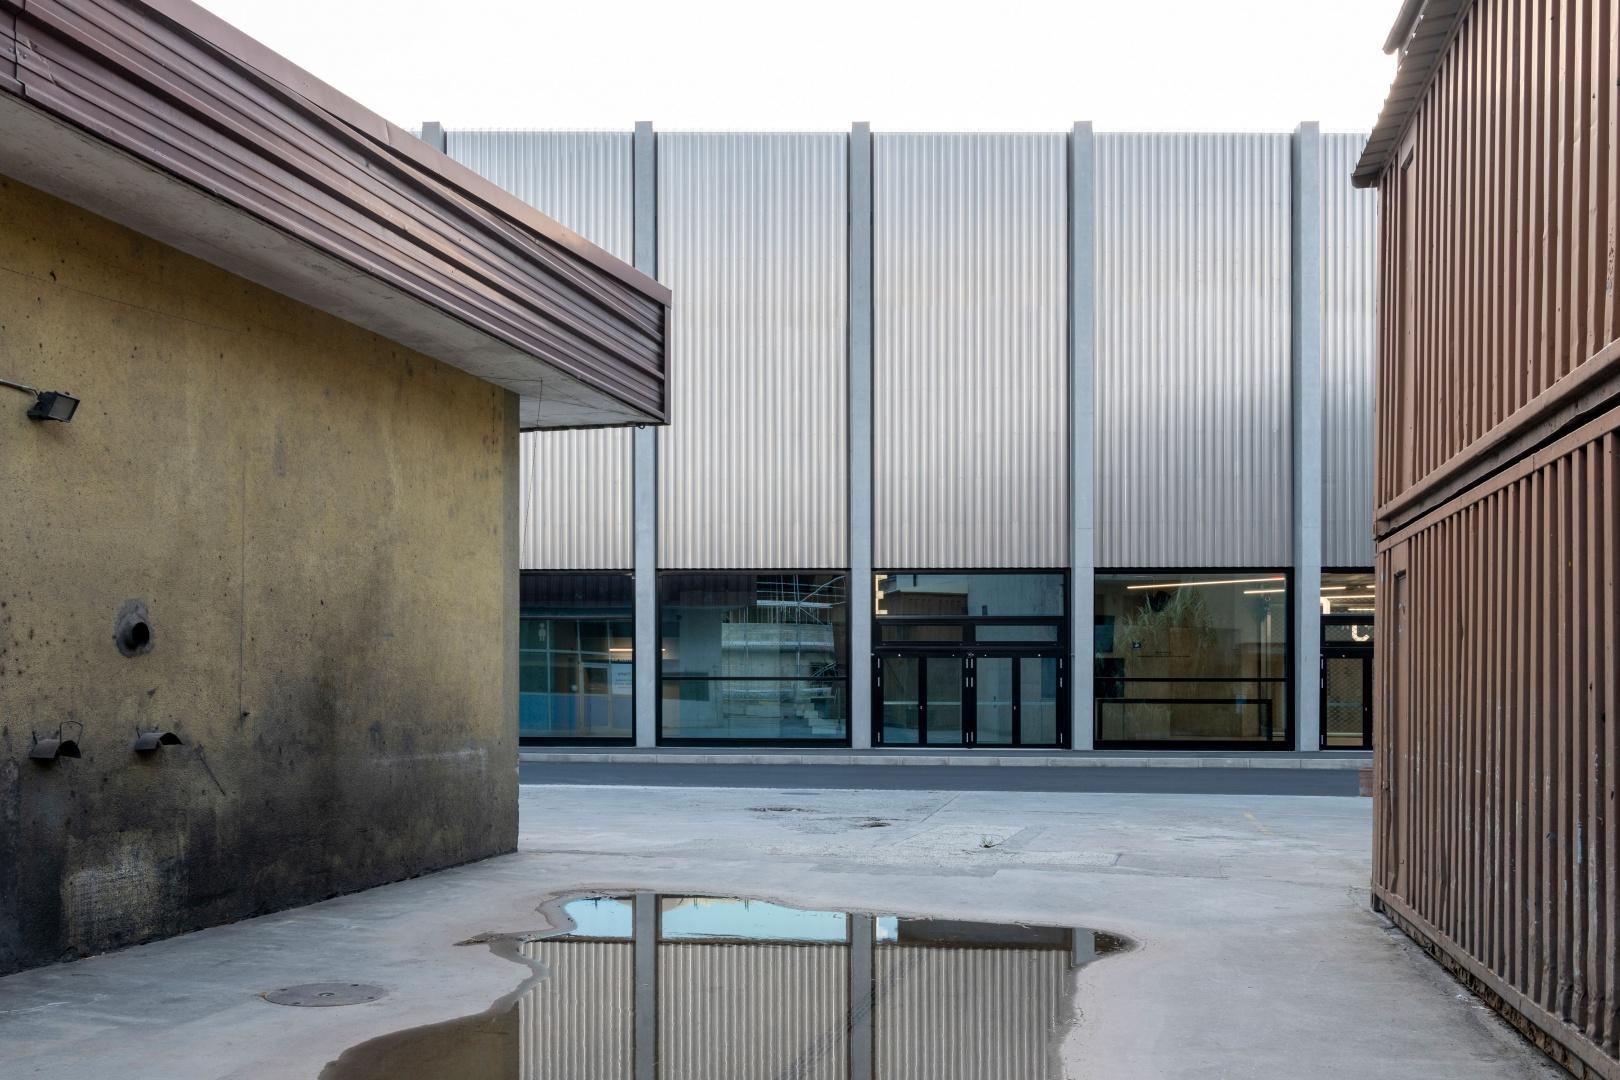 Aussenansicht Rückseite, Lonza Arena © Scheitlin Syfrig Architekten, Fotograf Simon von Gunten